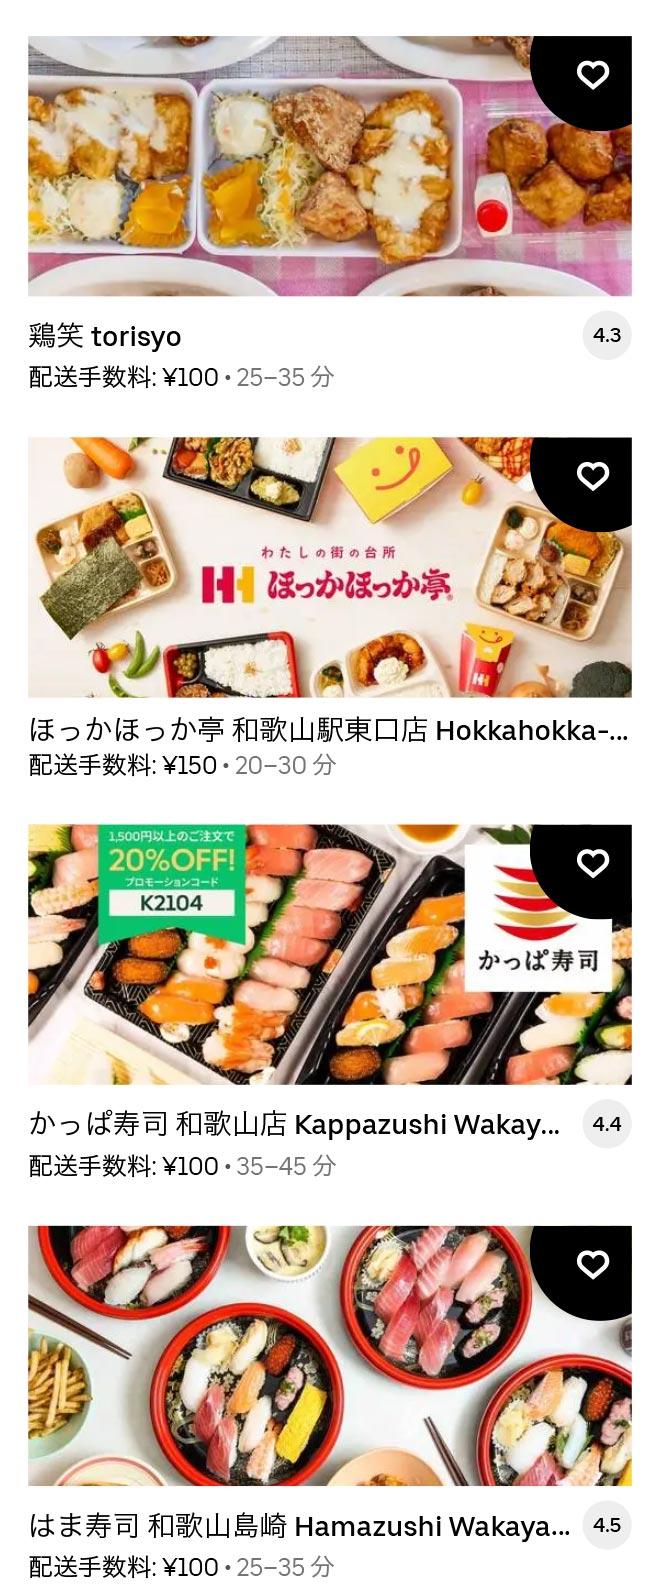 U miyamae menu 2104 10